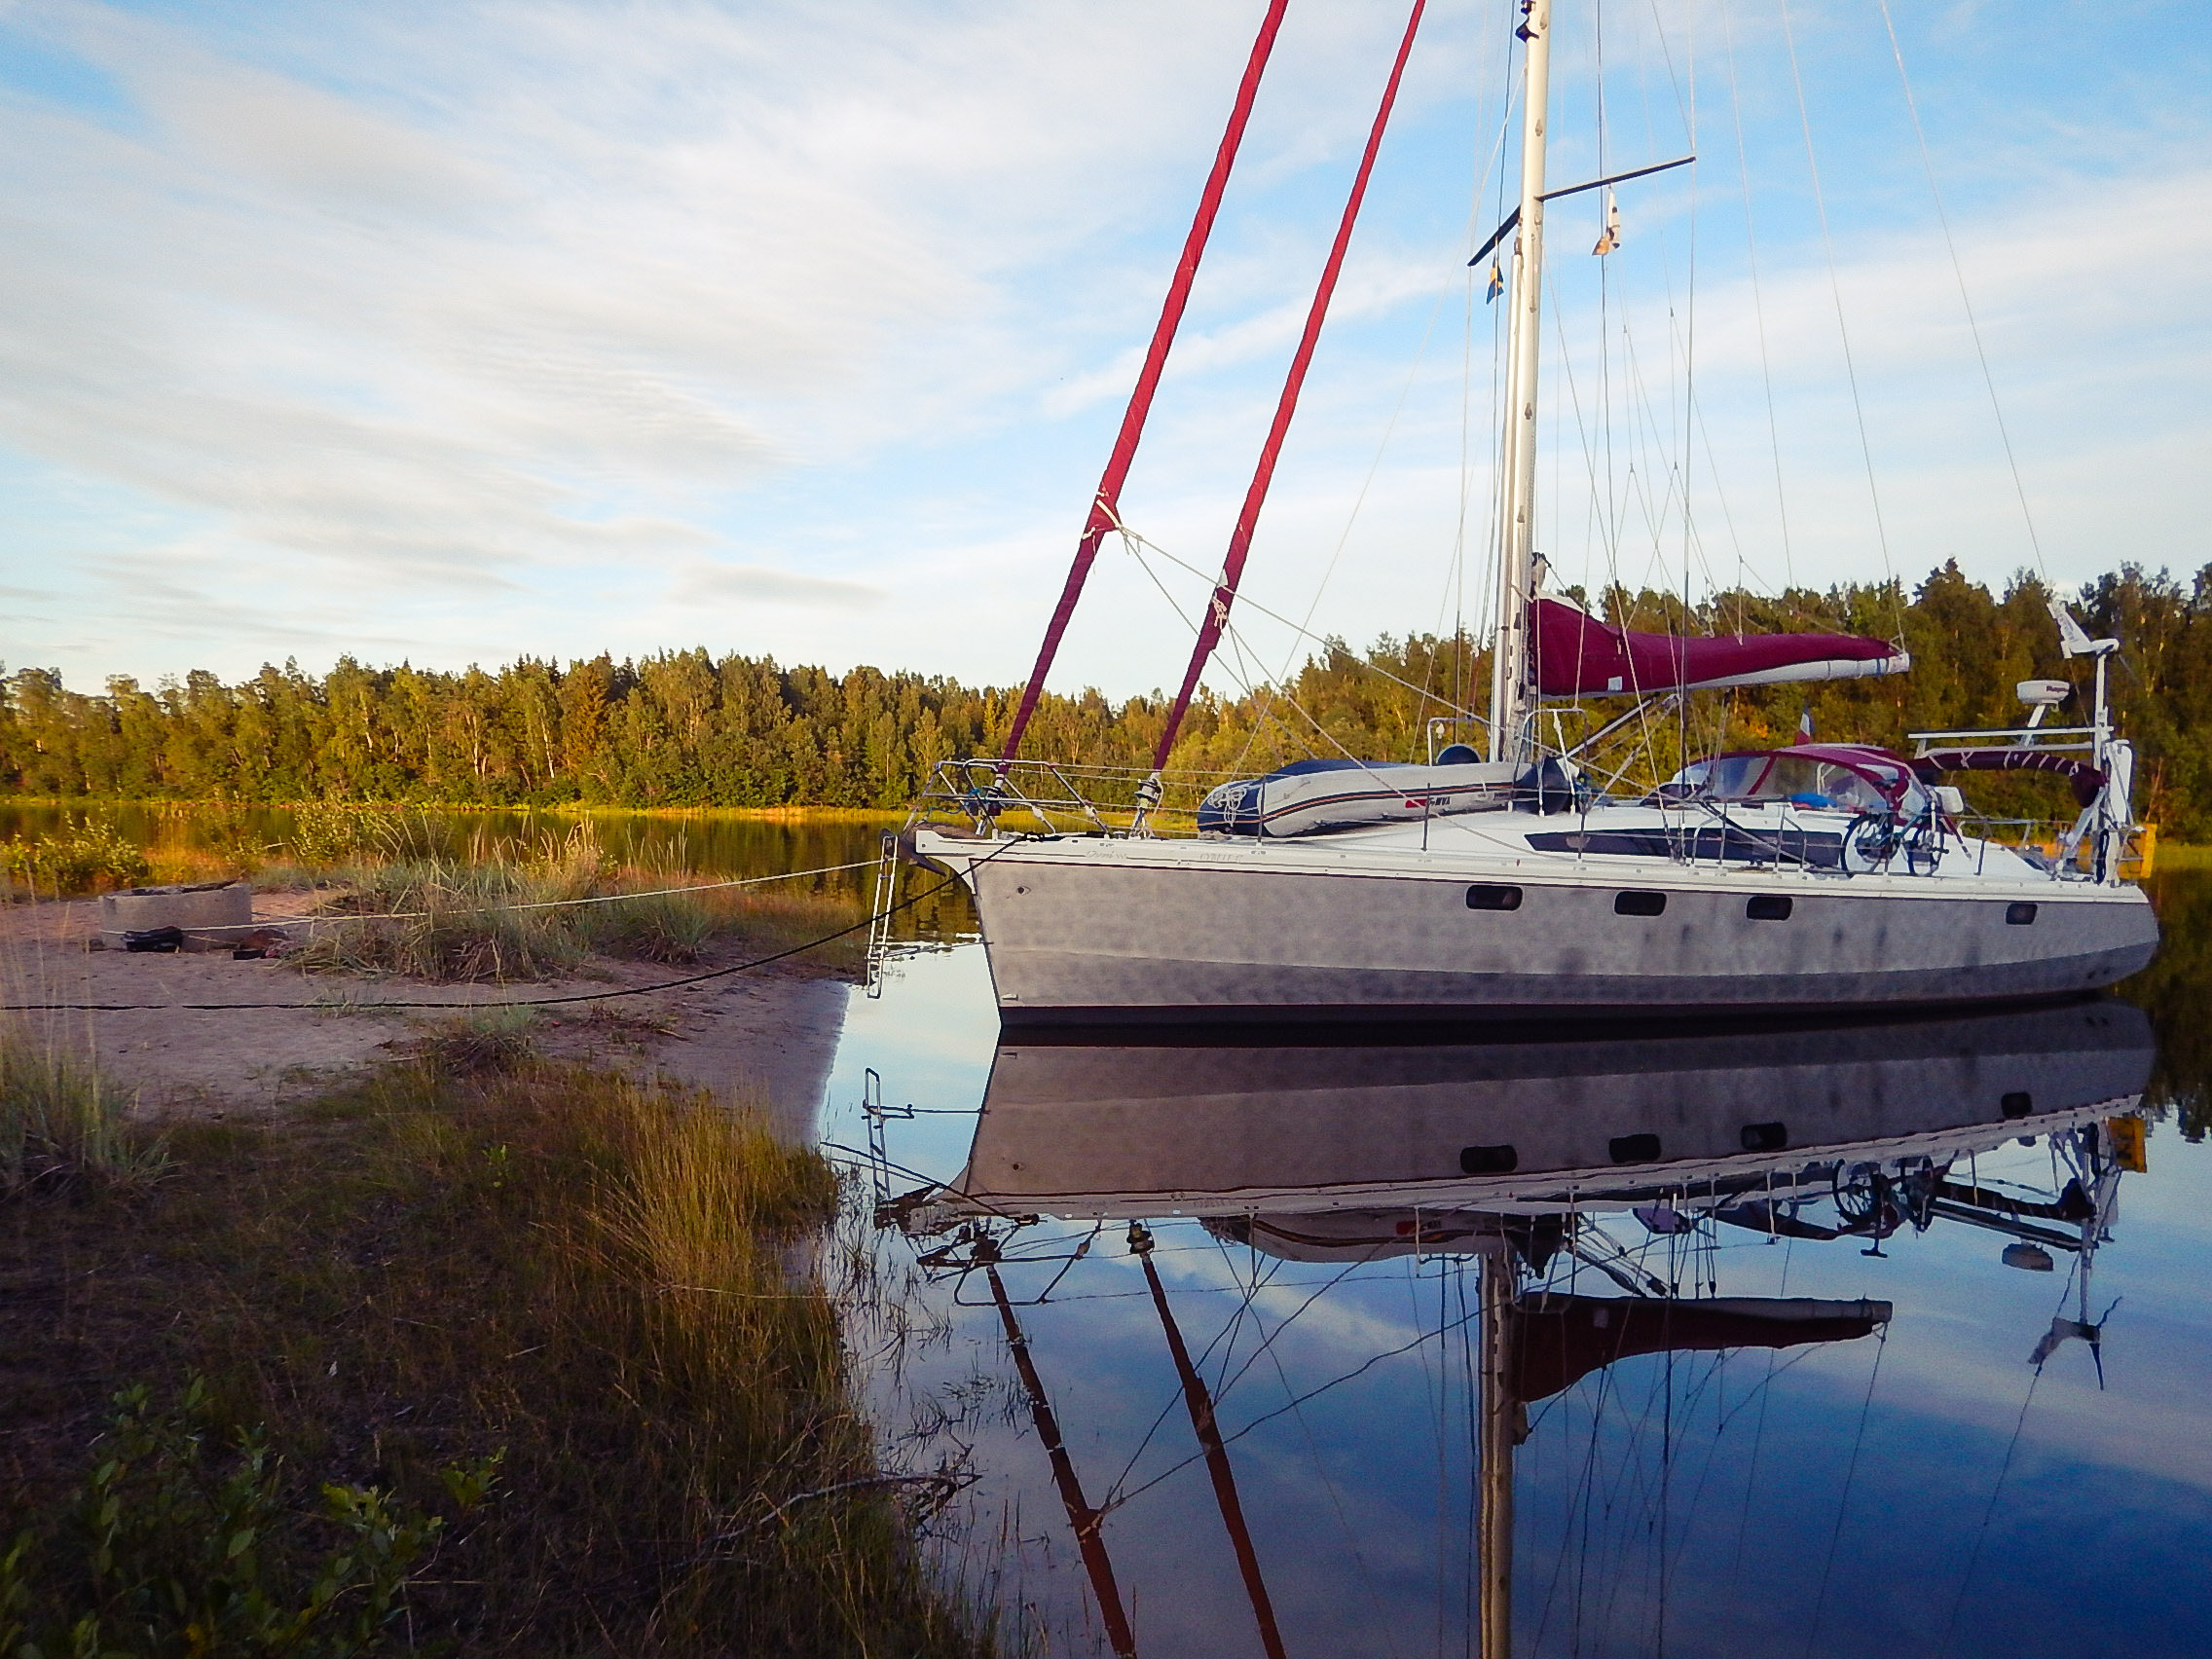 Seskarö.Photo by:François & Valérie